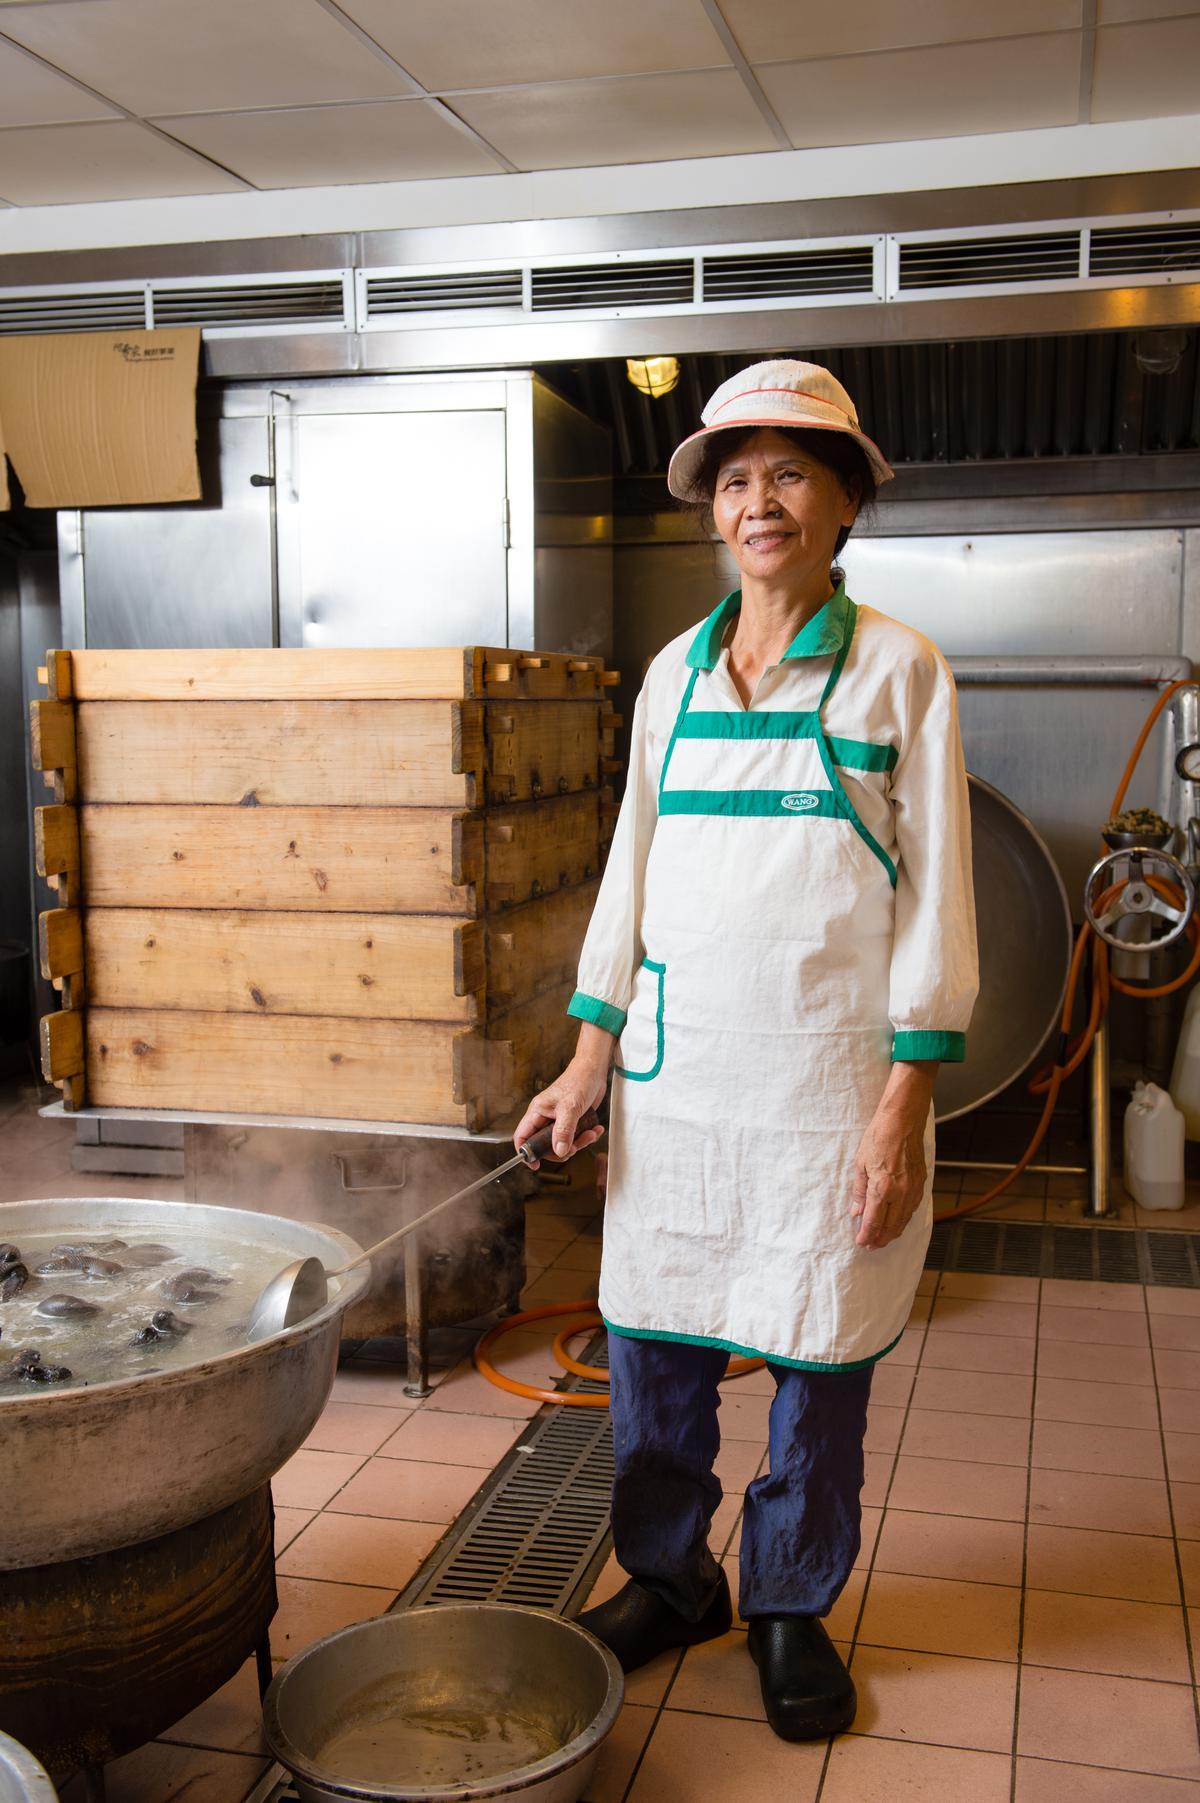 「阿勇家餐飲事業」現在都由娘子軍團總舖師出征到各地辦桌,這天為我們示範辦桌菜的是黃秀雲「阿雲師」,跟著阿勇師辦桌已有30幾年。